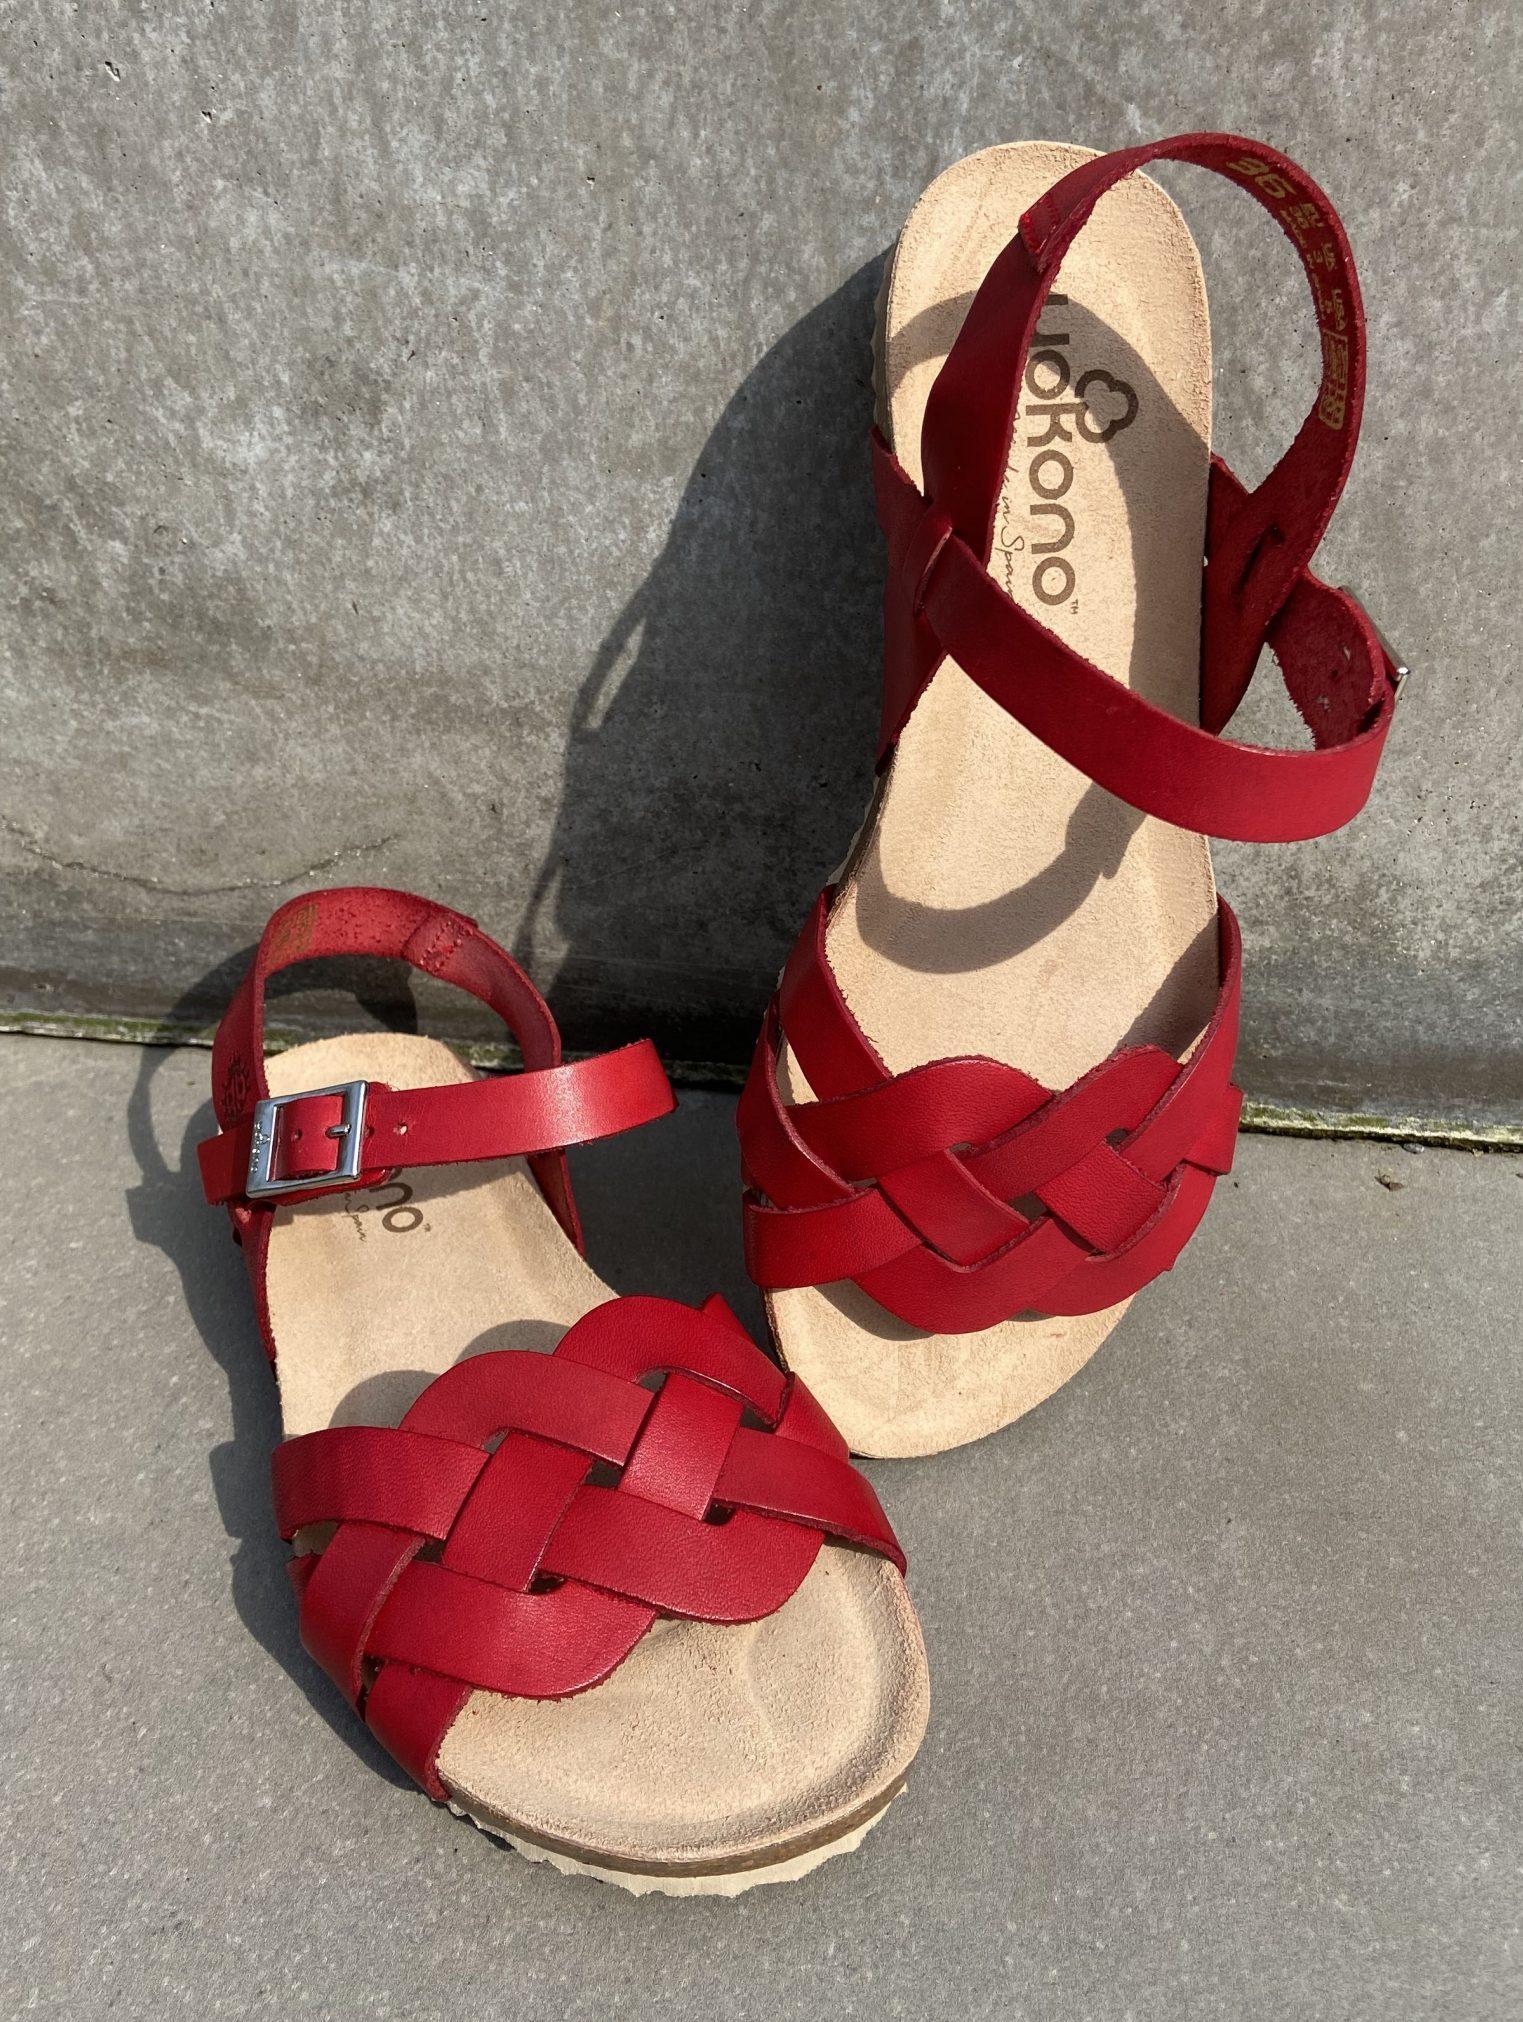 Ladies Yokono Sandals - Our Favourites For 2020!